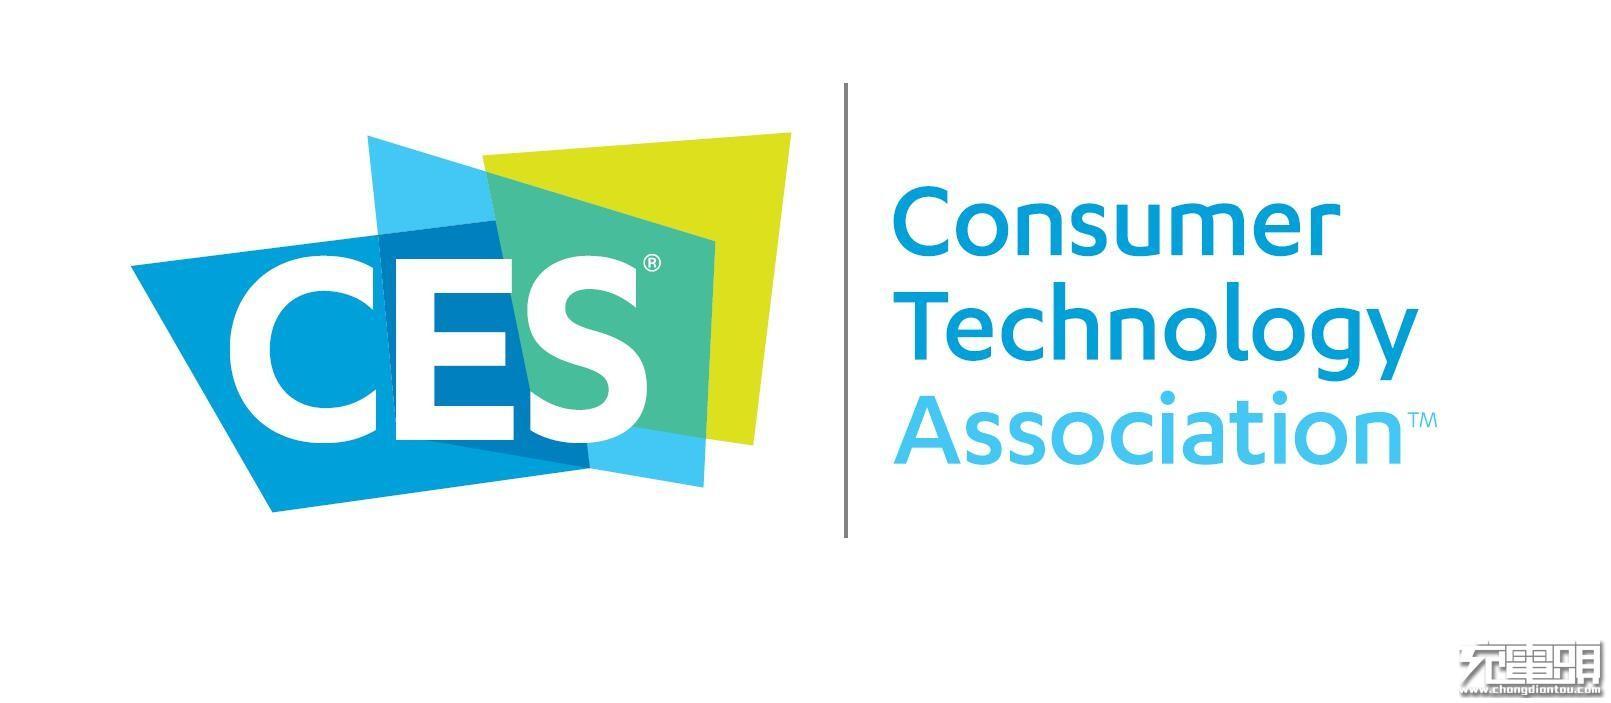 2018年CES消耗电子产品展前瞻:无线充电